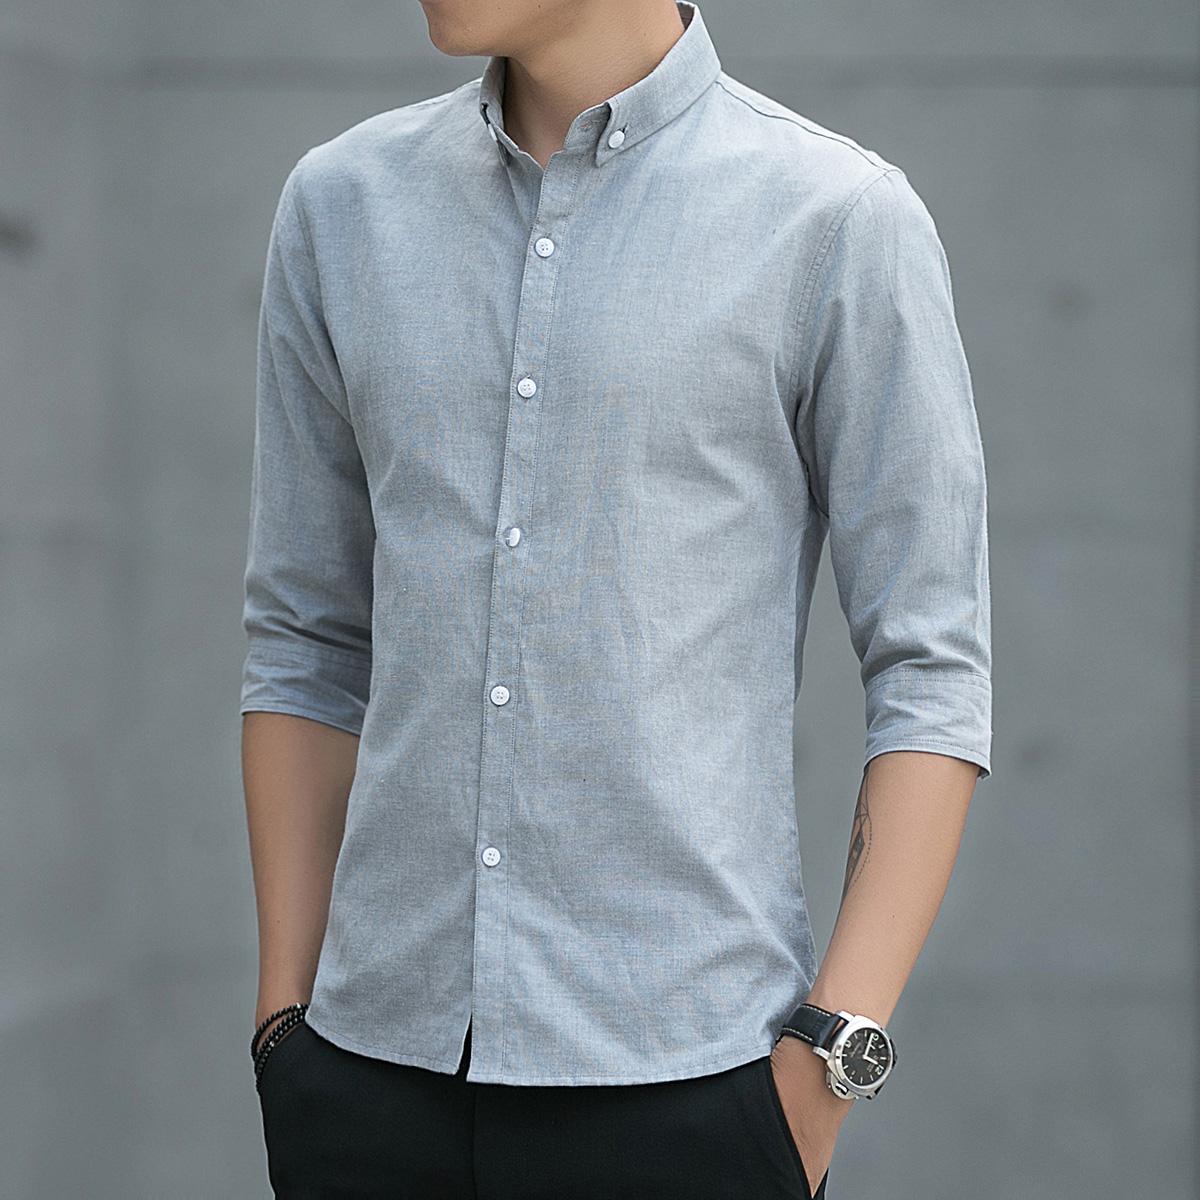 夏季7七分袖衬衫男士百搭中半袖寸衫韩版潮流修身休闲短袖衬衣男